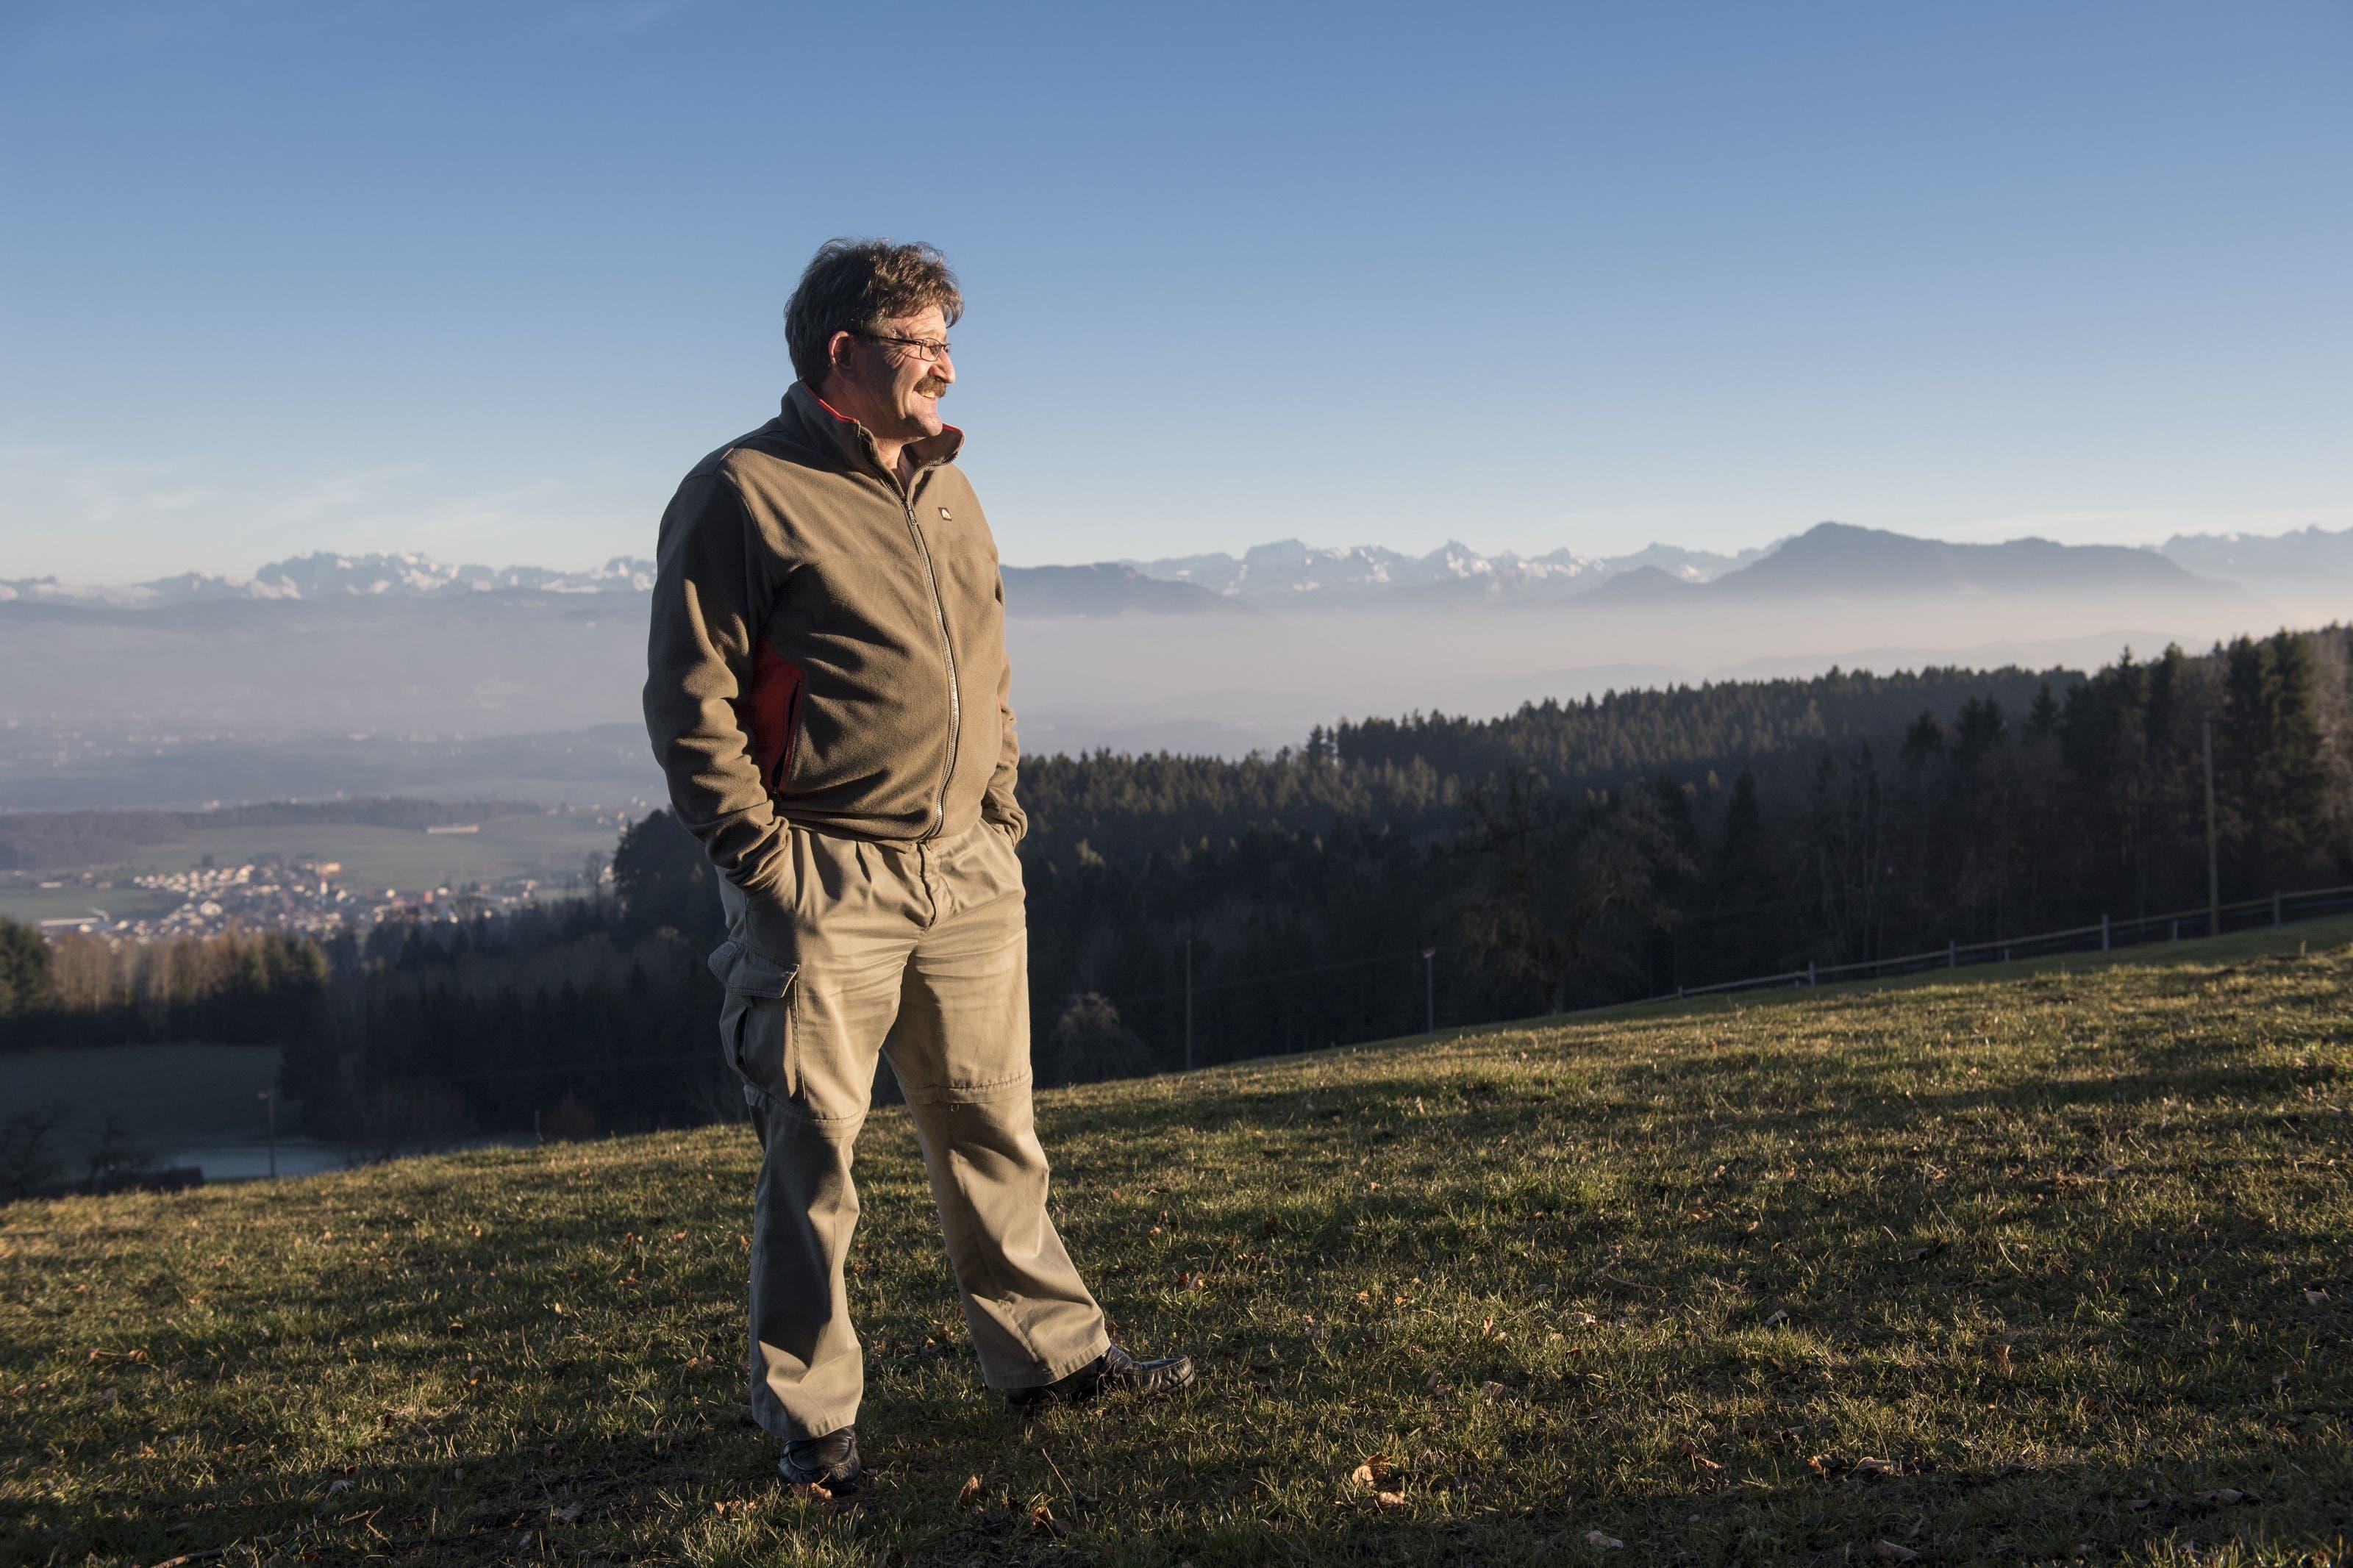 Skiliftbetreiber Alois Waser wartet auf den Schnee. Kein Schnee in Sicht auf der Horben, Skiliftbetreiber Alois Waser steht im trockenen Gras über der Piste, 28. Dezember 2016.